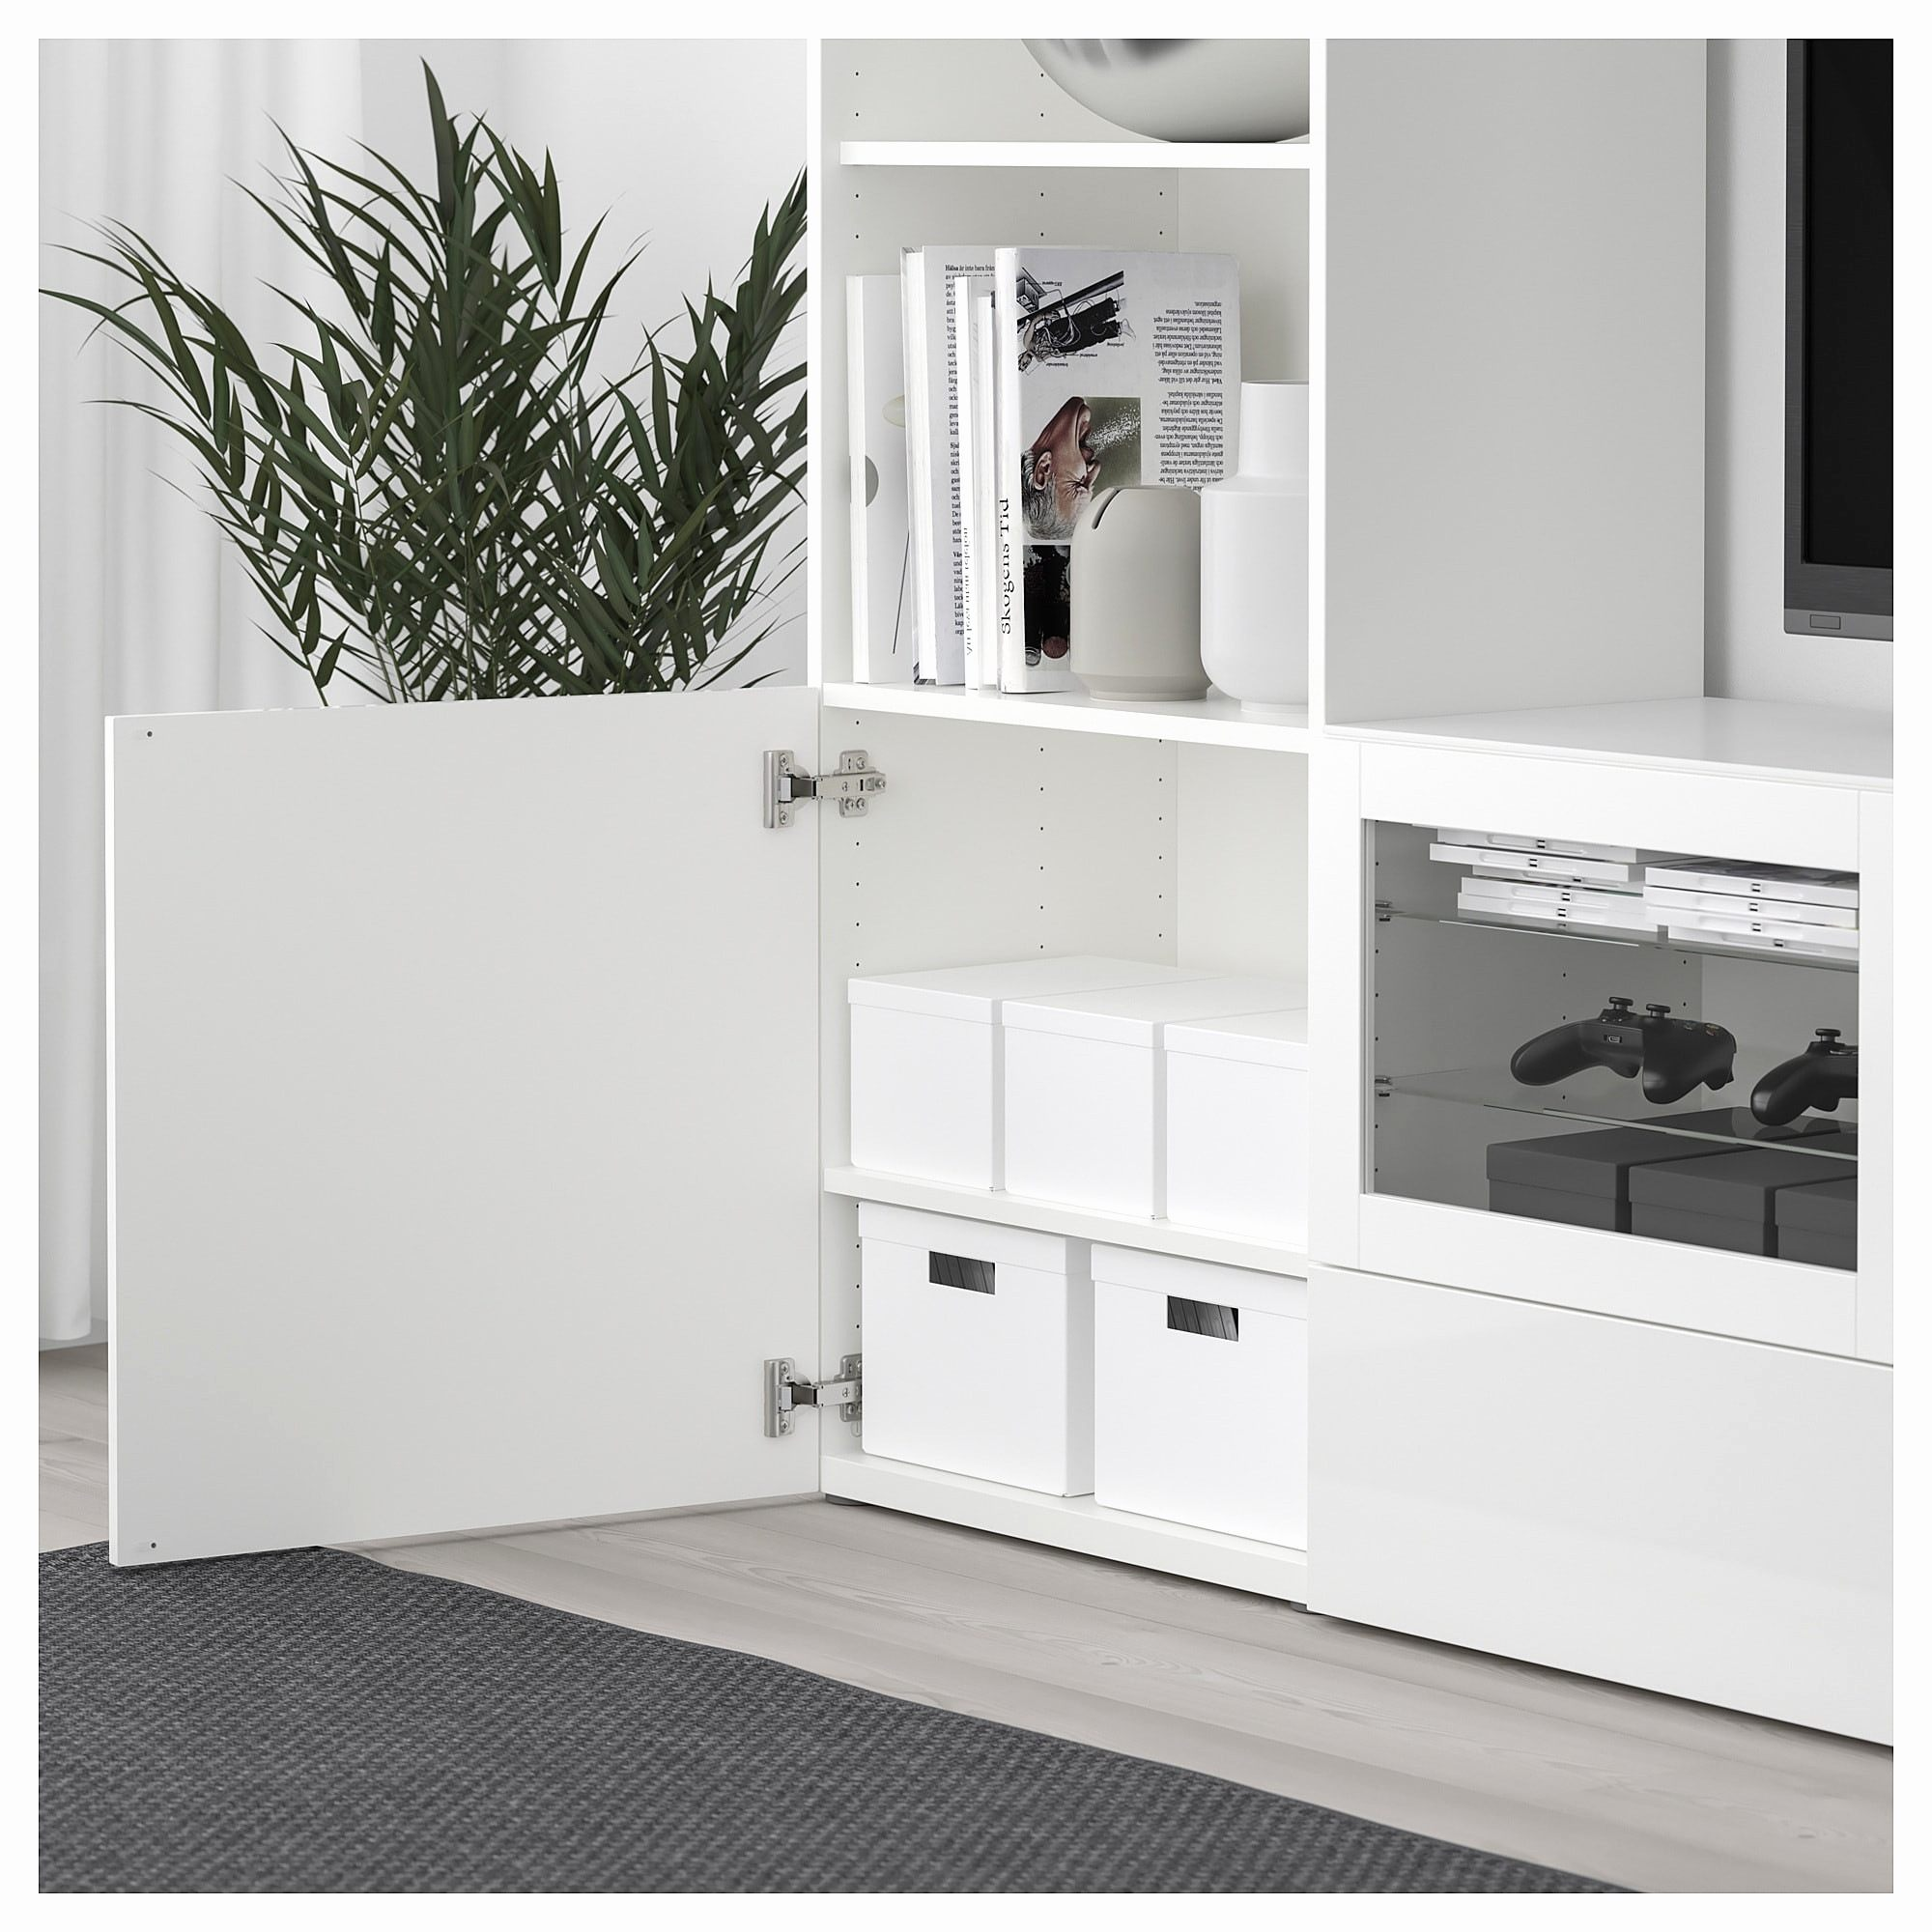 Lit Blanc 2 Places Inspirant Convertible 2 Places Ikea Inspirant Canape Fer forge Ikea Canape Lit